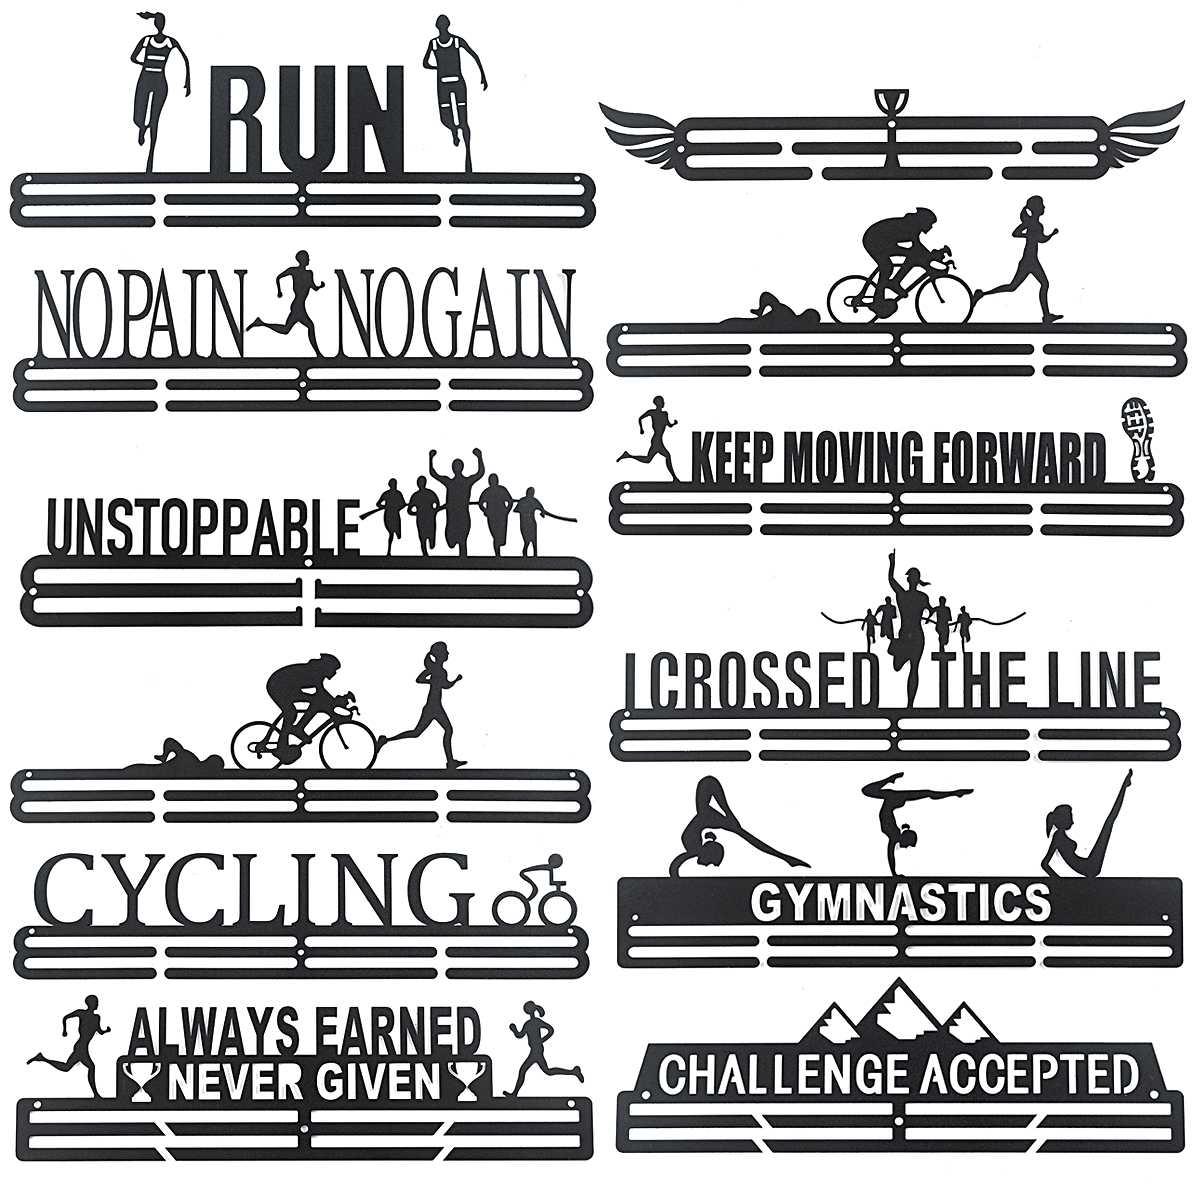 Подвесной Медальон 12 видов, Многофункциональная вешалка для медалей, кронштейн, настенные крючки, Железный Декор для триатлона, бега, спорт...